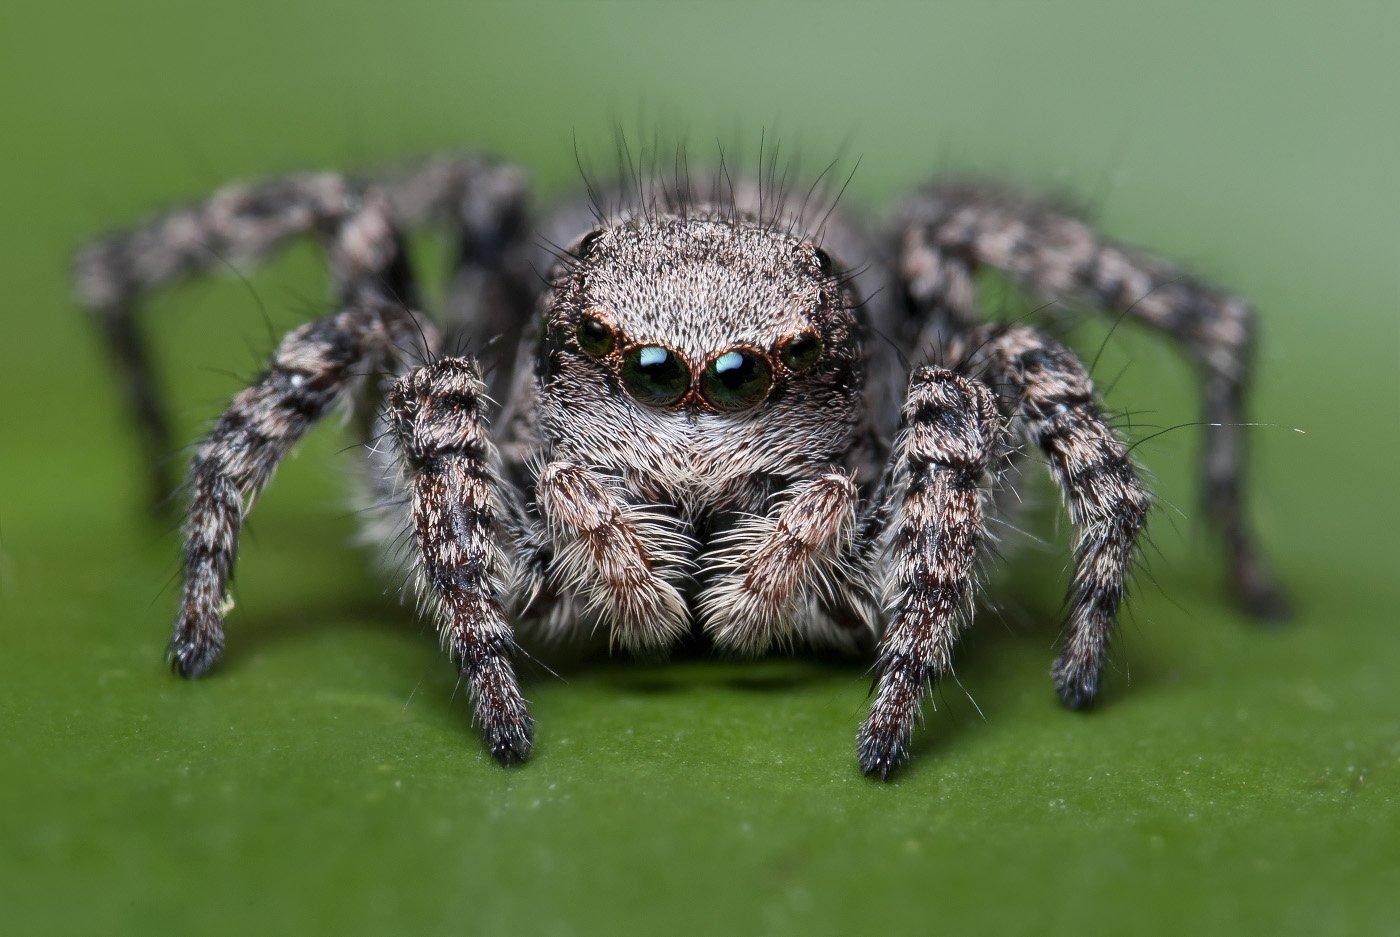 паук, макро, скакун, micro-nikkor af 105mm f/2.8 d, nikon d80, Александр Кириченко